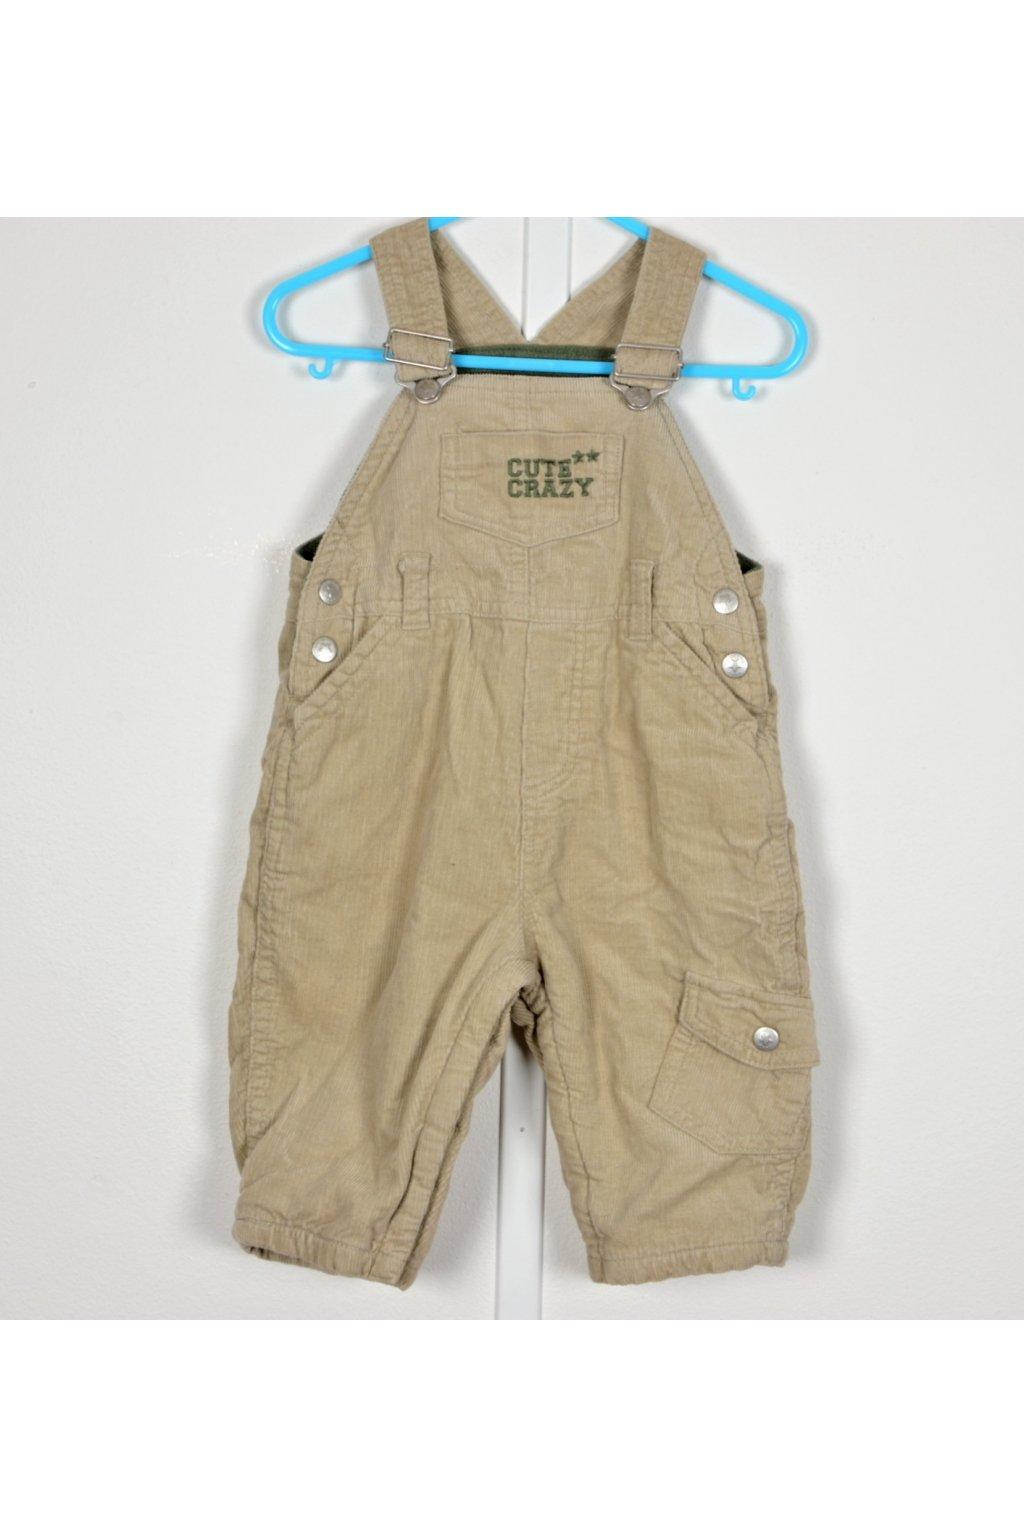 Kalhoty zahradníky zateplené C&A vel 74 béžové